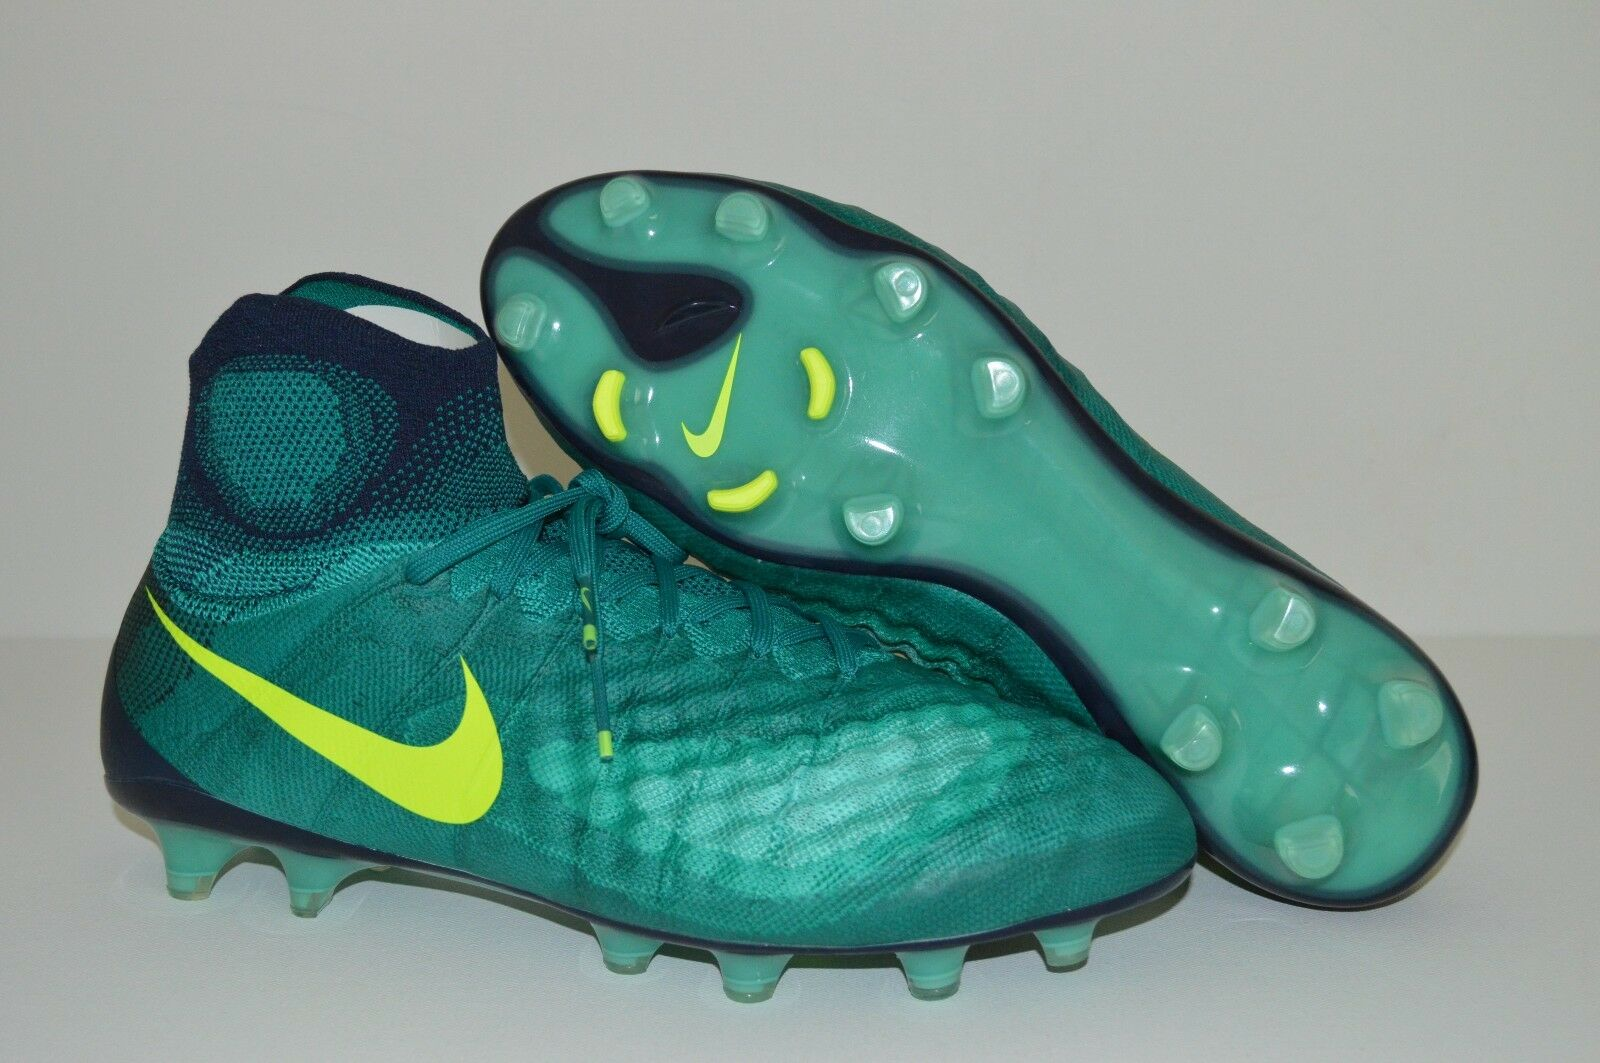 Nike magista obra ii fg stollenschuhe größe 6 grüne grüne grüne 844595-376 9a4df5